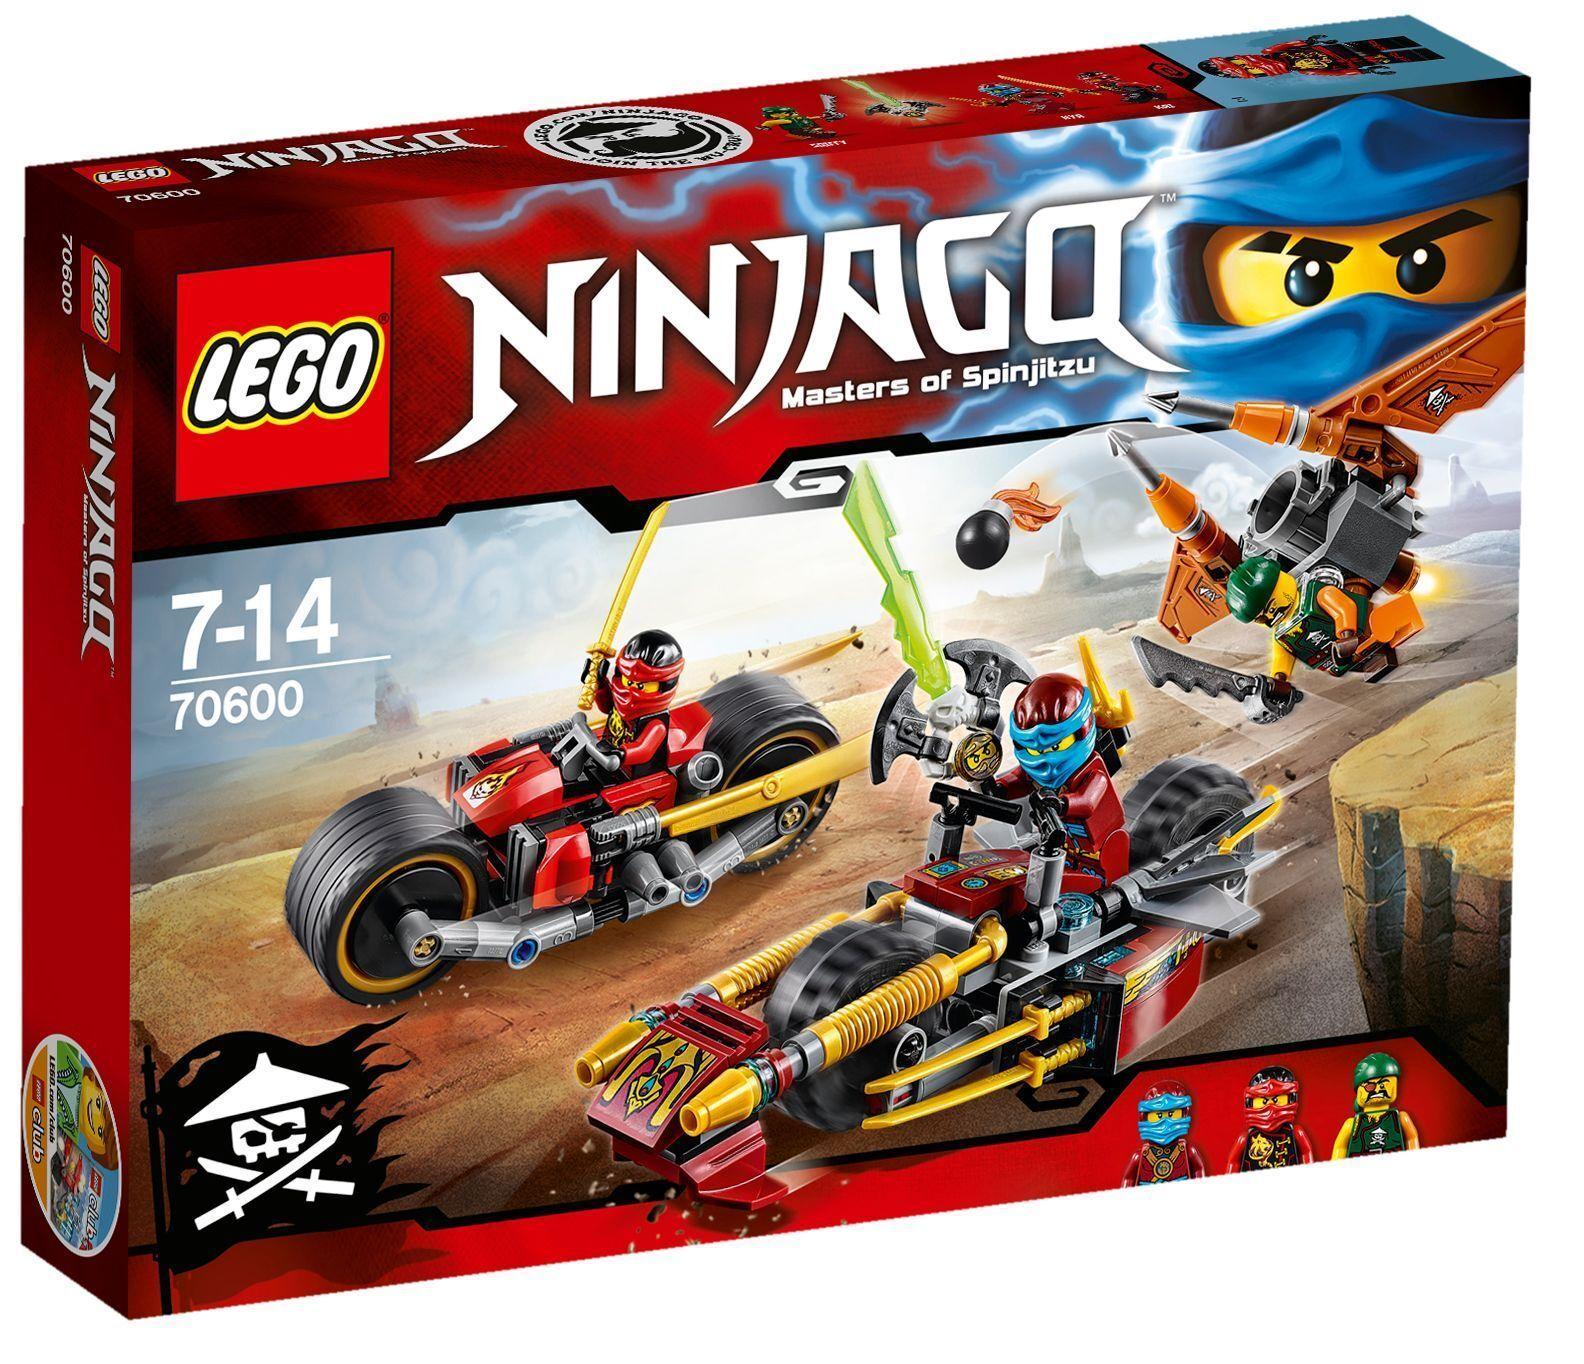 LEGO ® Ninjago ™ 70600  NINJA-BIKE chasse  des pirates du ciel Nouveau Neuf dans sa boîte New En parfait état, dans sa boîte scellée